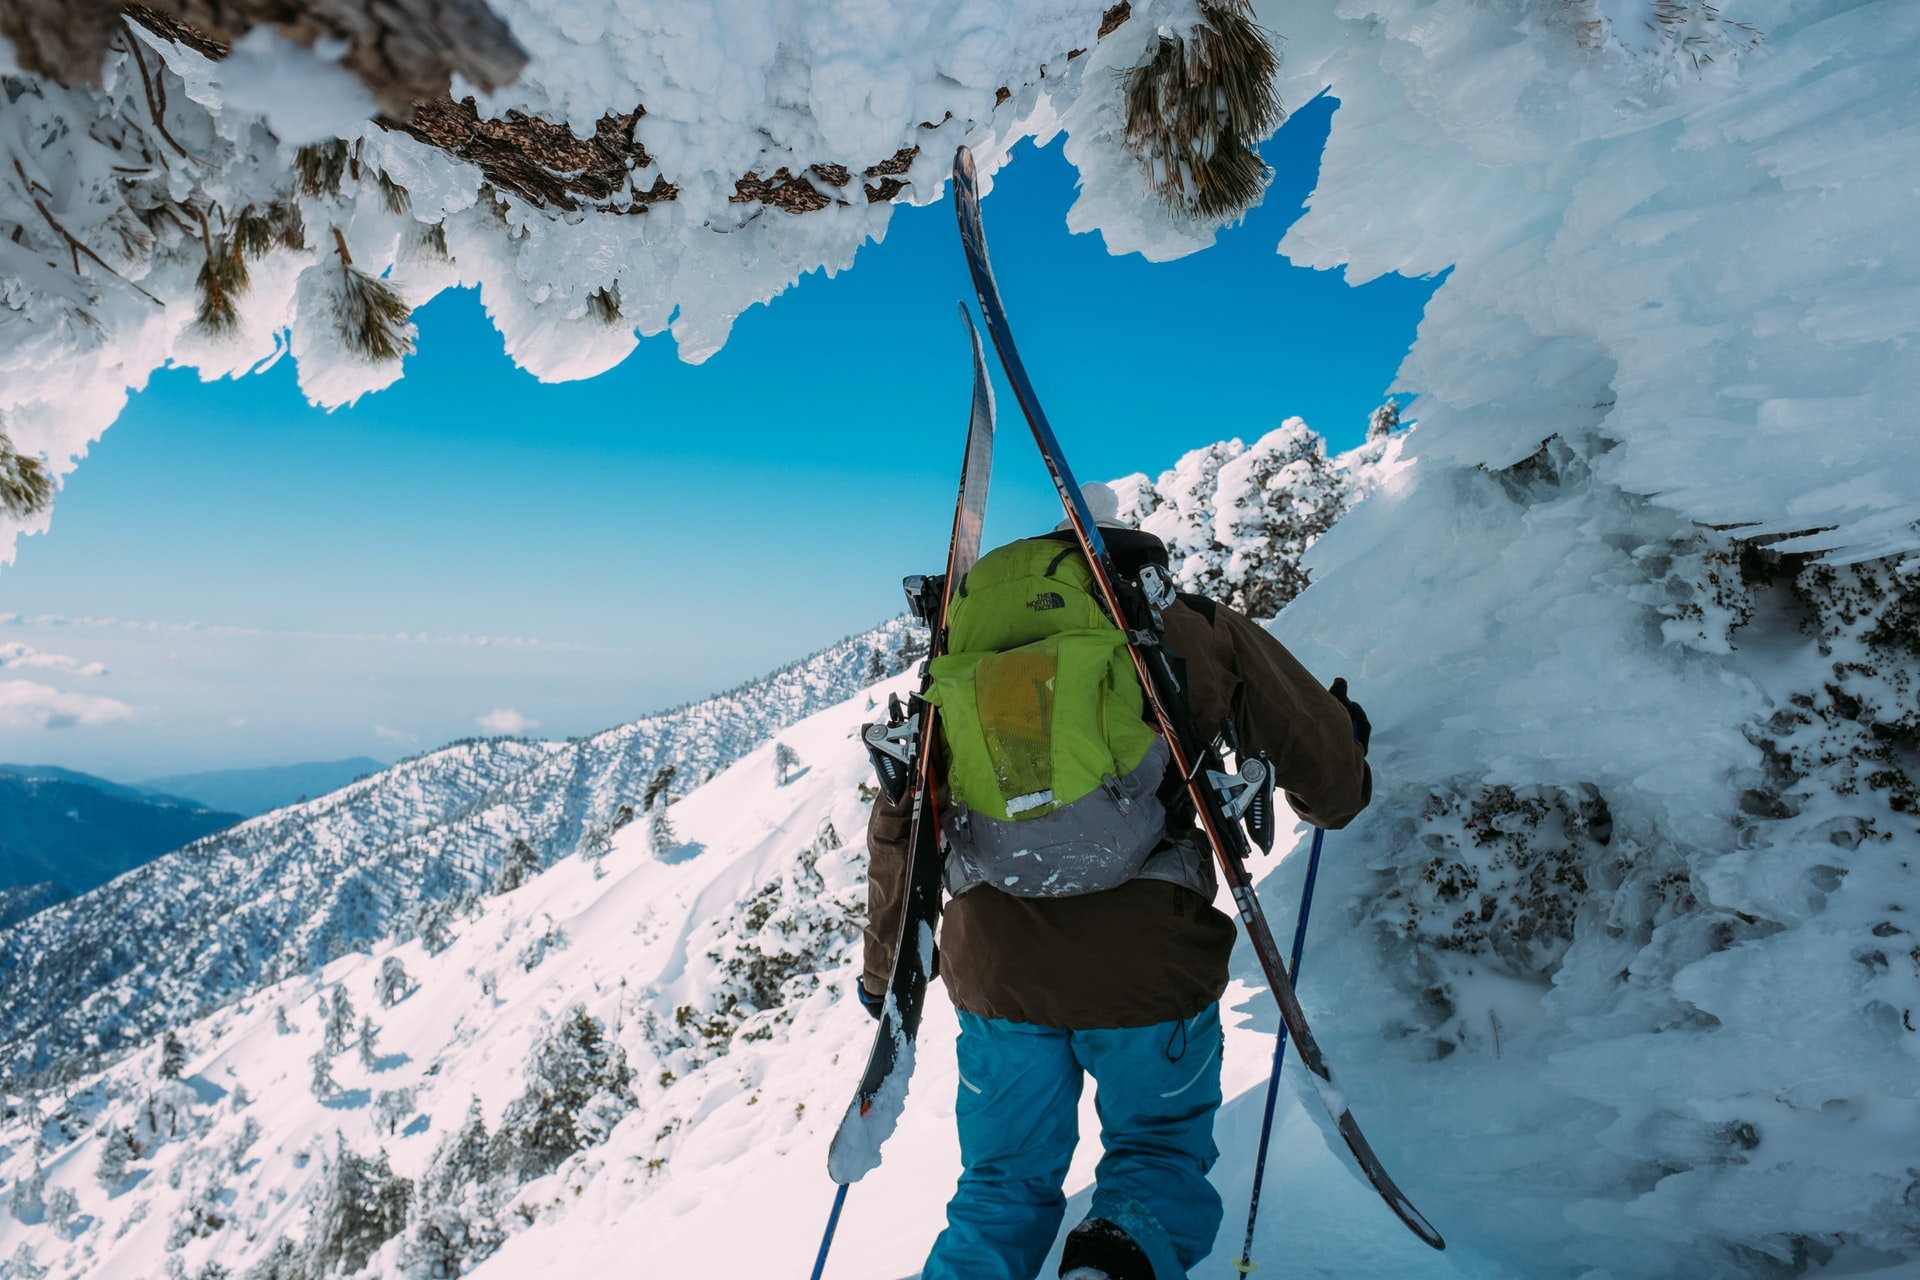 Το 2021 θα είναι η χρονιά του ορειβατικού σκι